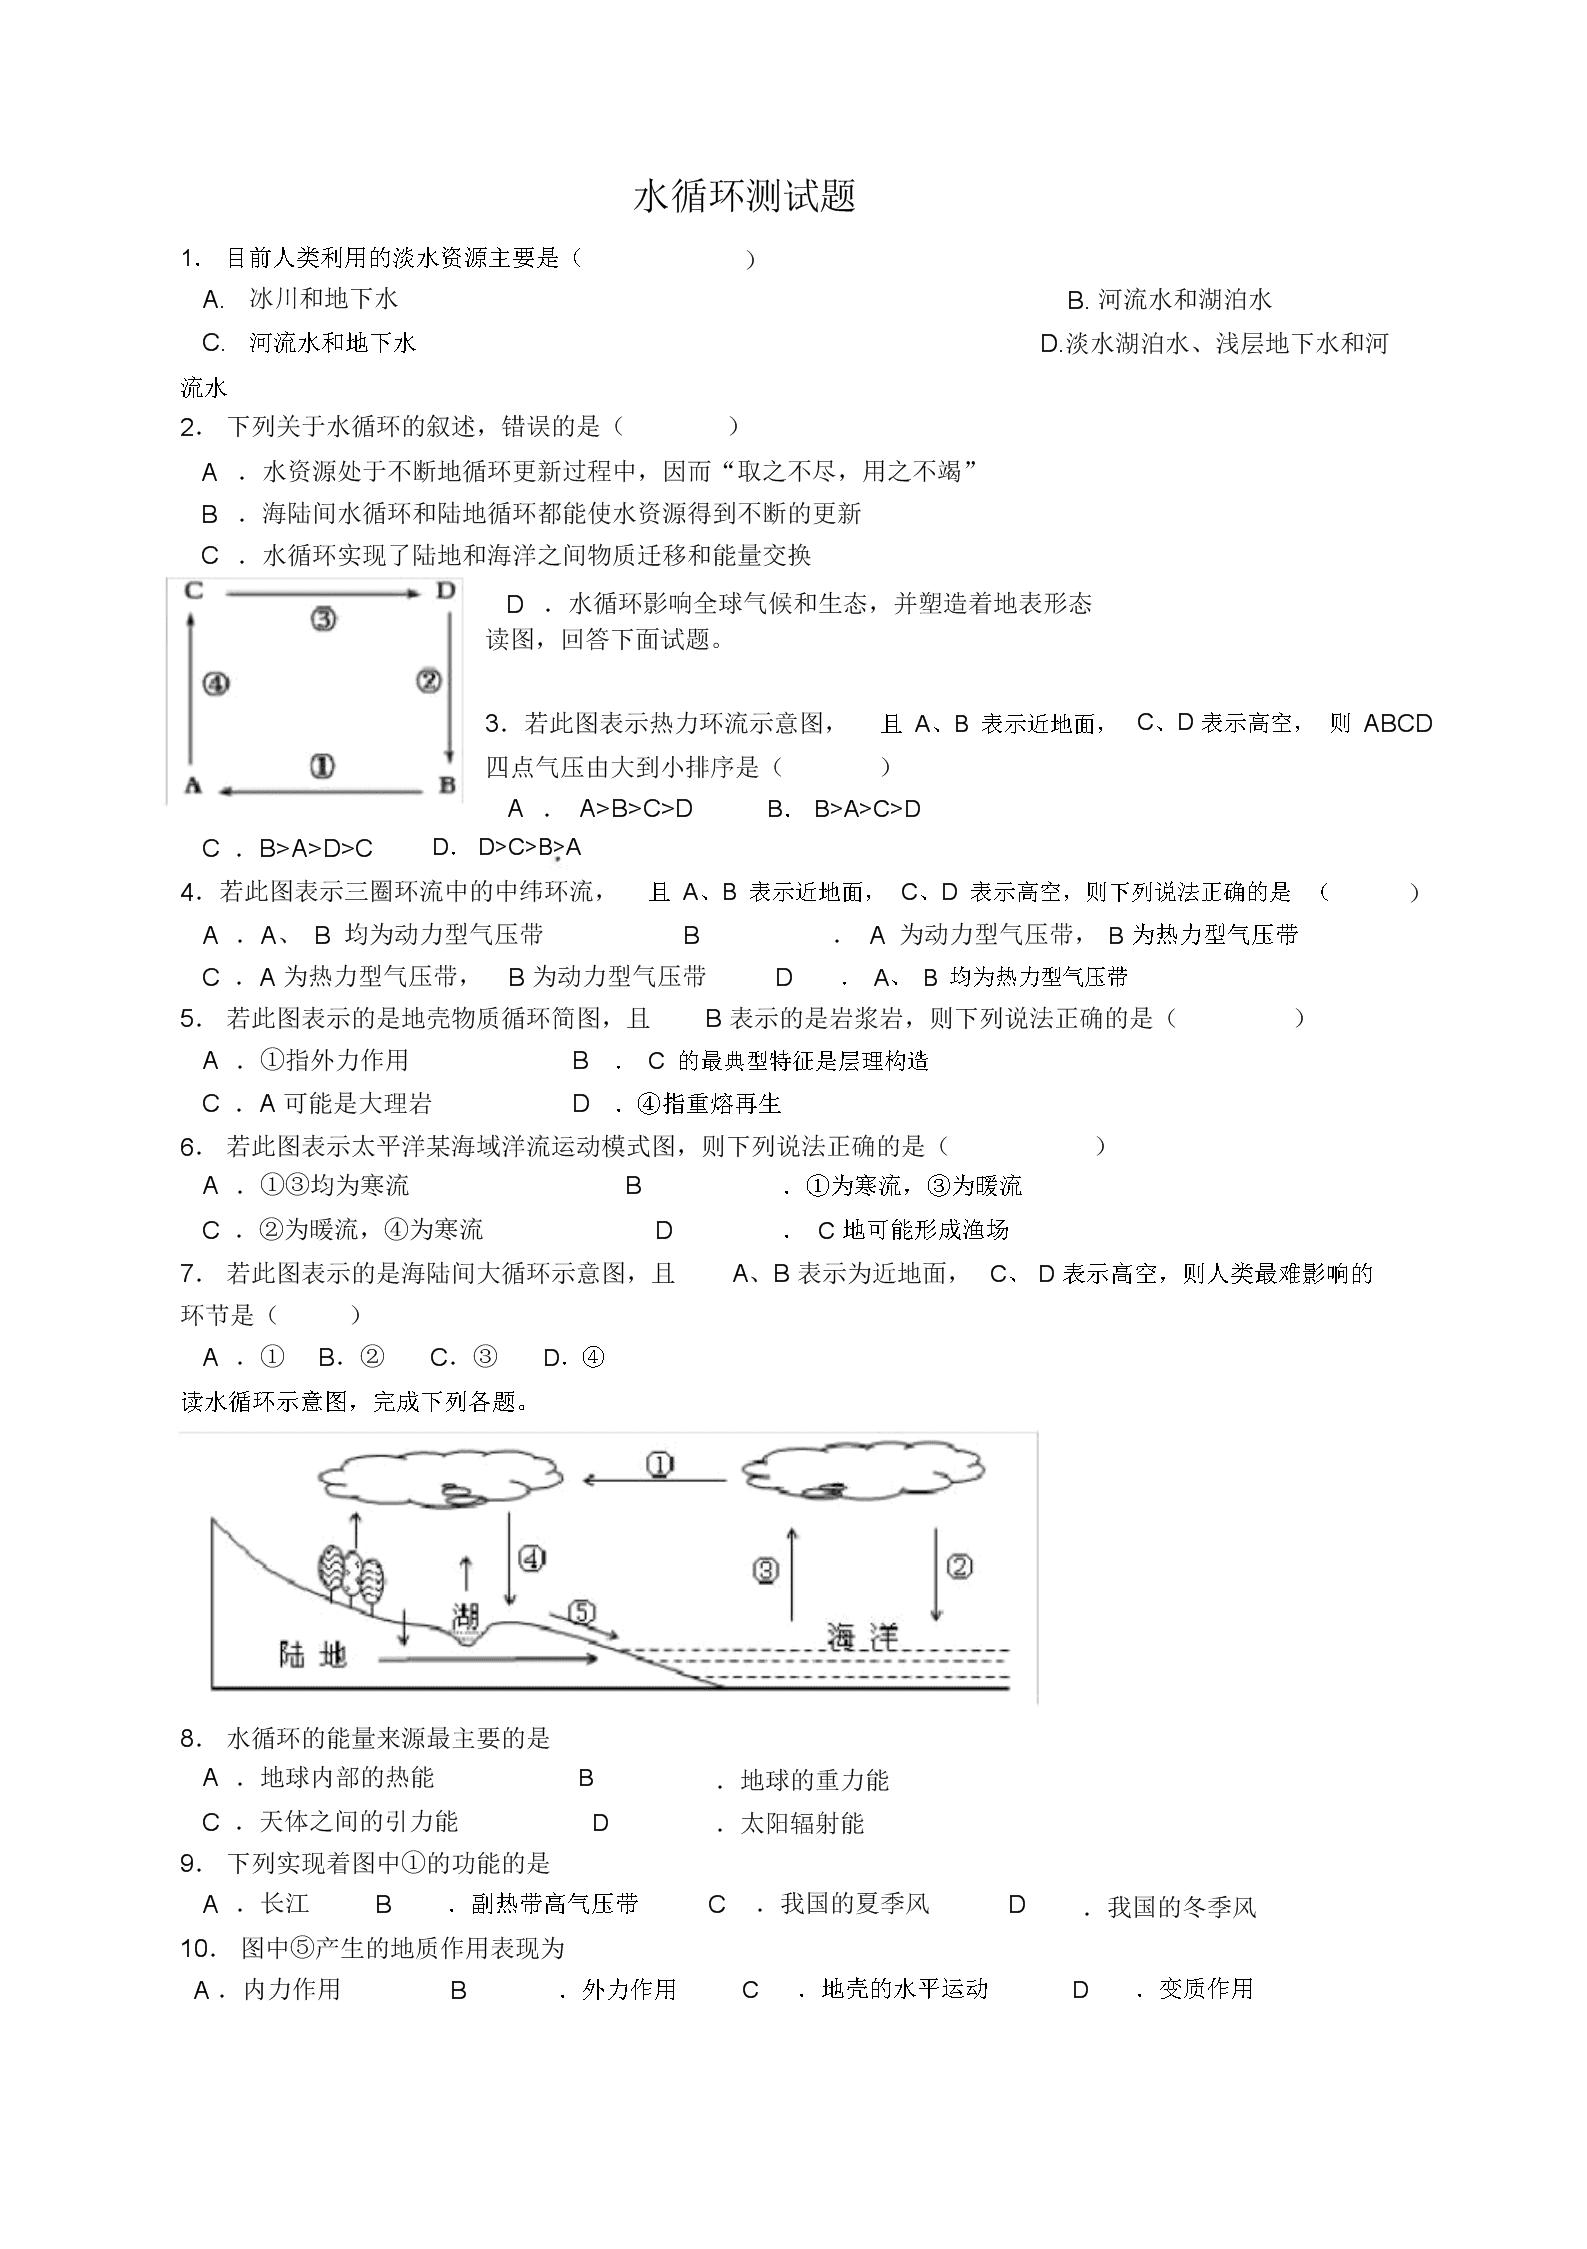 水循环试题及答案.docx